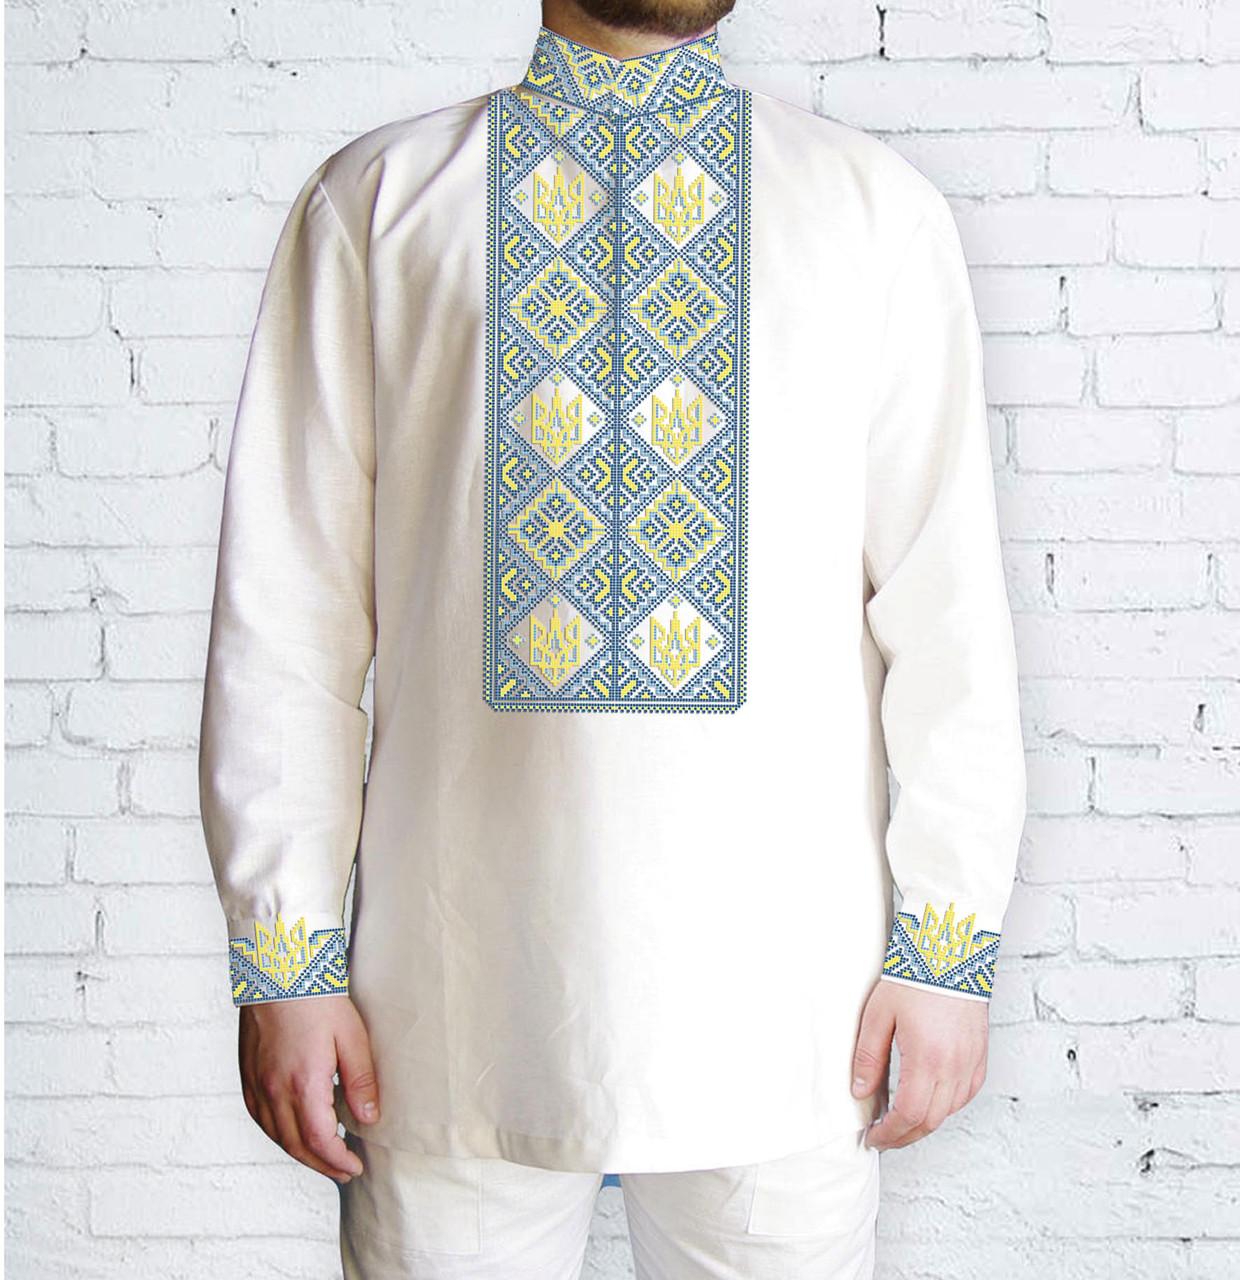 Заготовка чоловічої сорочки та вишиванки для вишивки чи вишивання бісером Бисерок «Тризуб 518 Г» (Ч-518 Г )